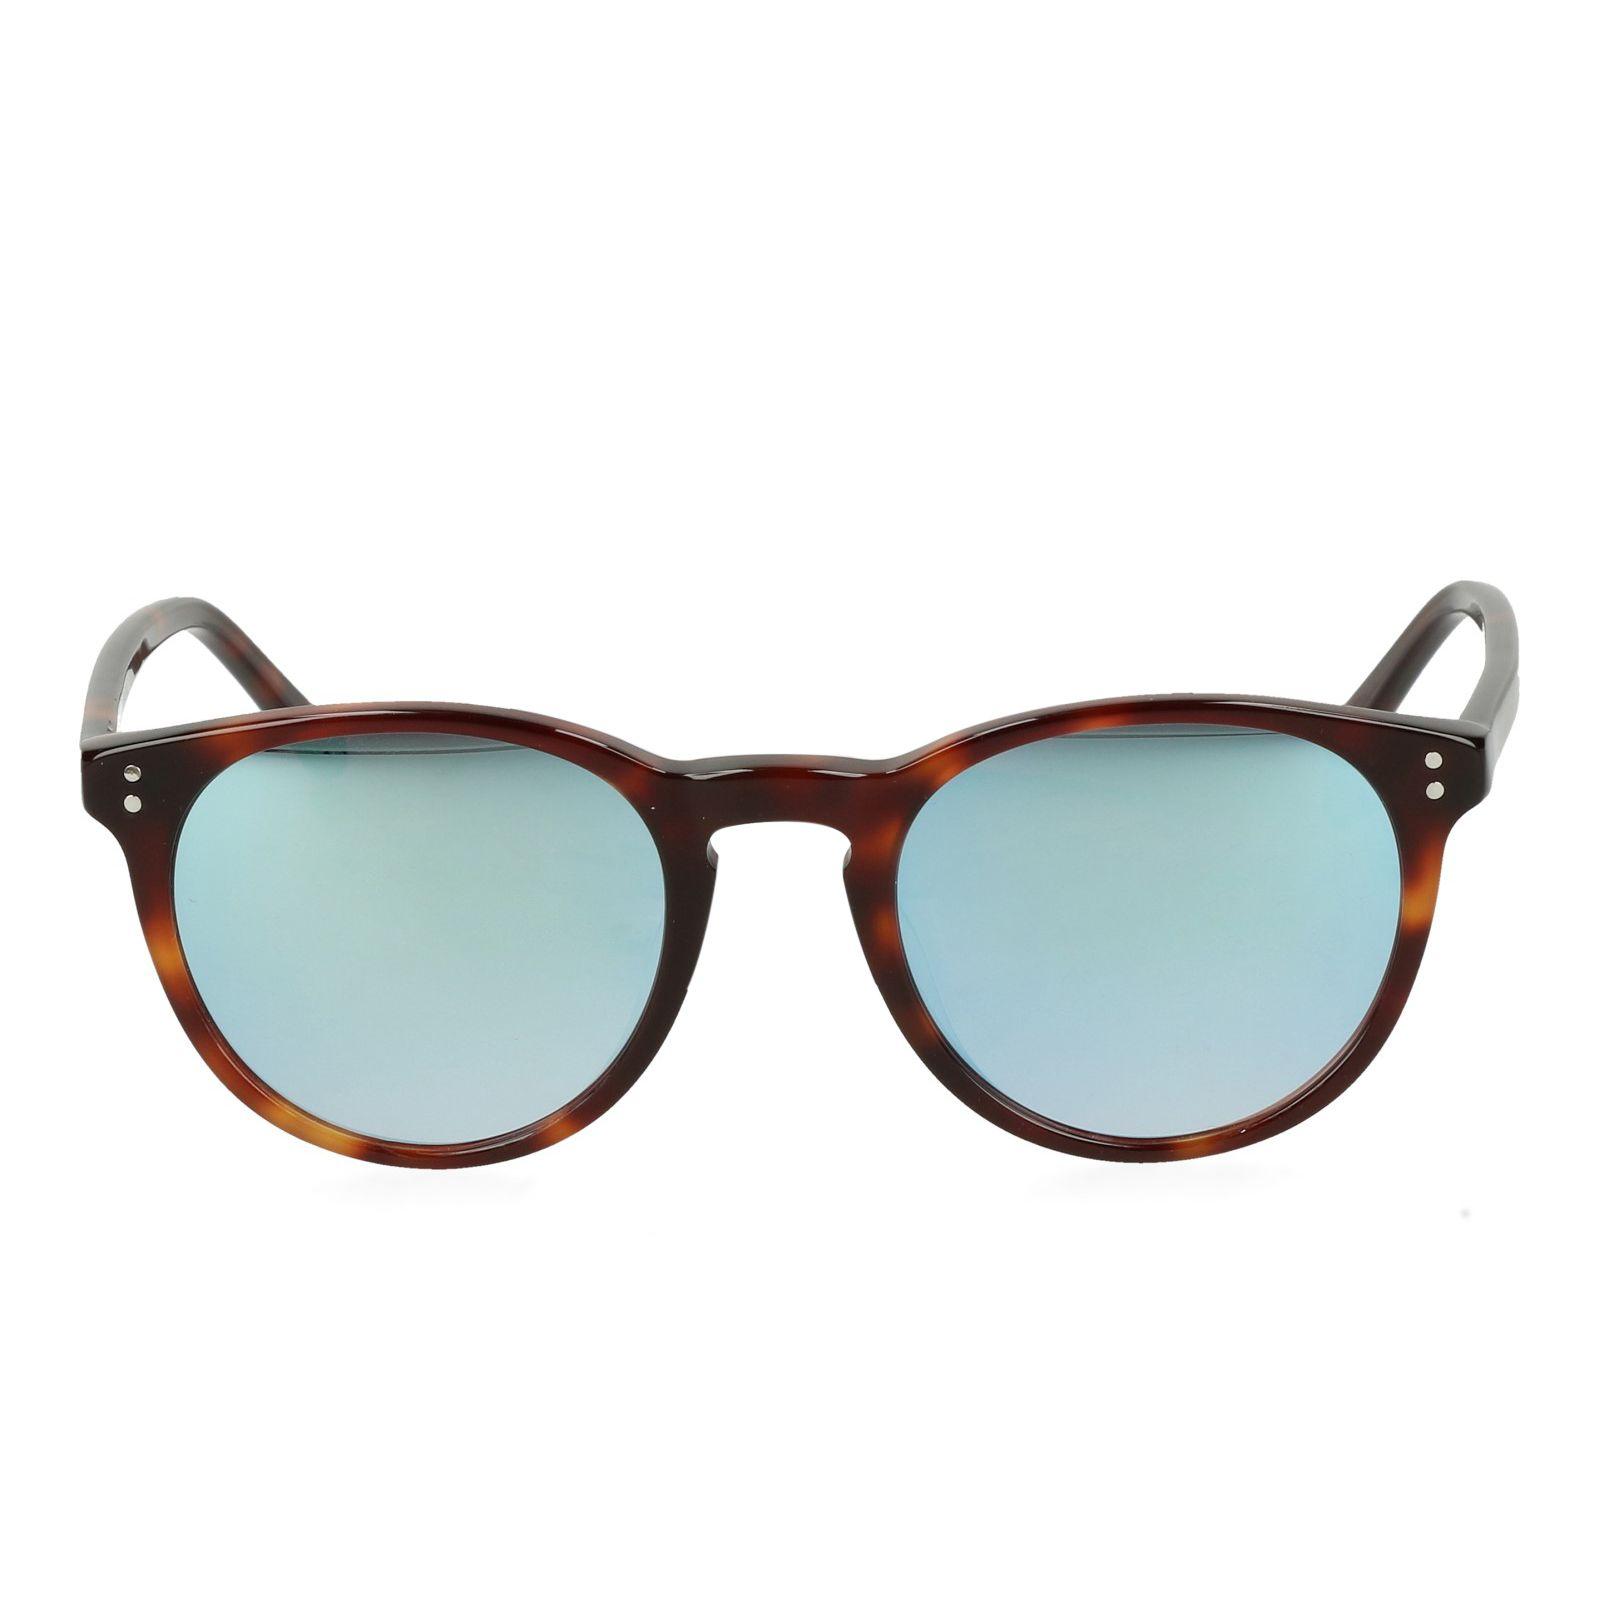 04de34ee7aaf29 Bruine retro zonnebril met spiegelglazen - Accessoires